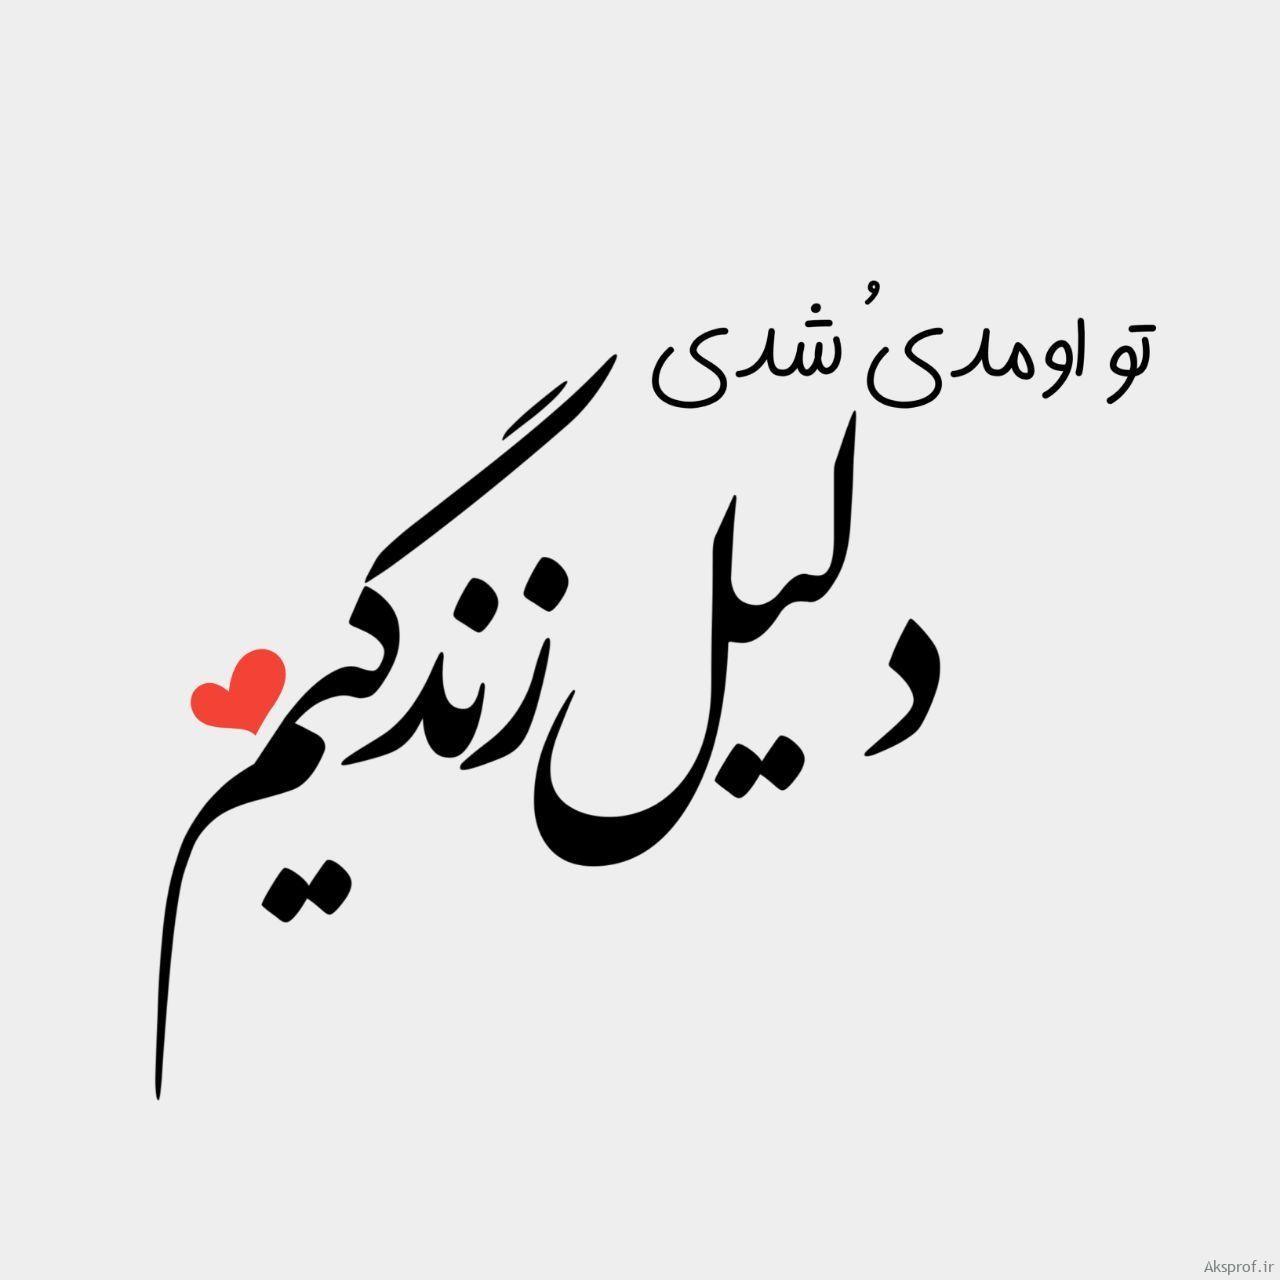 عکس نوشته های متن دار عاشقانه دلیل زندگیمی